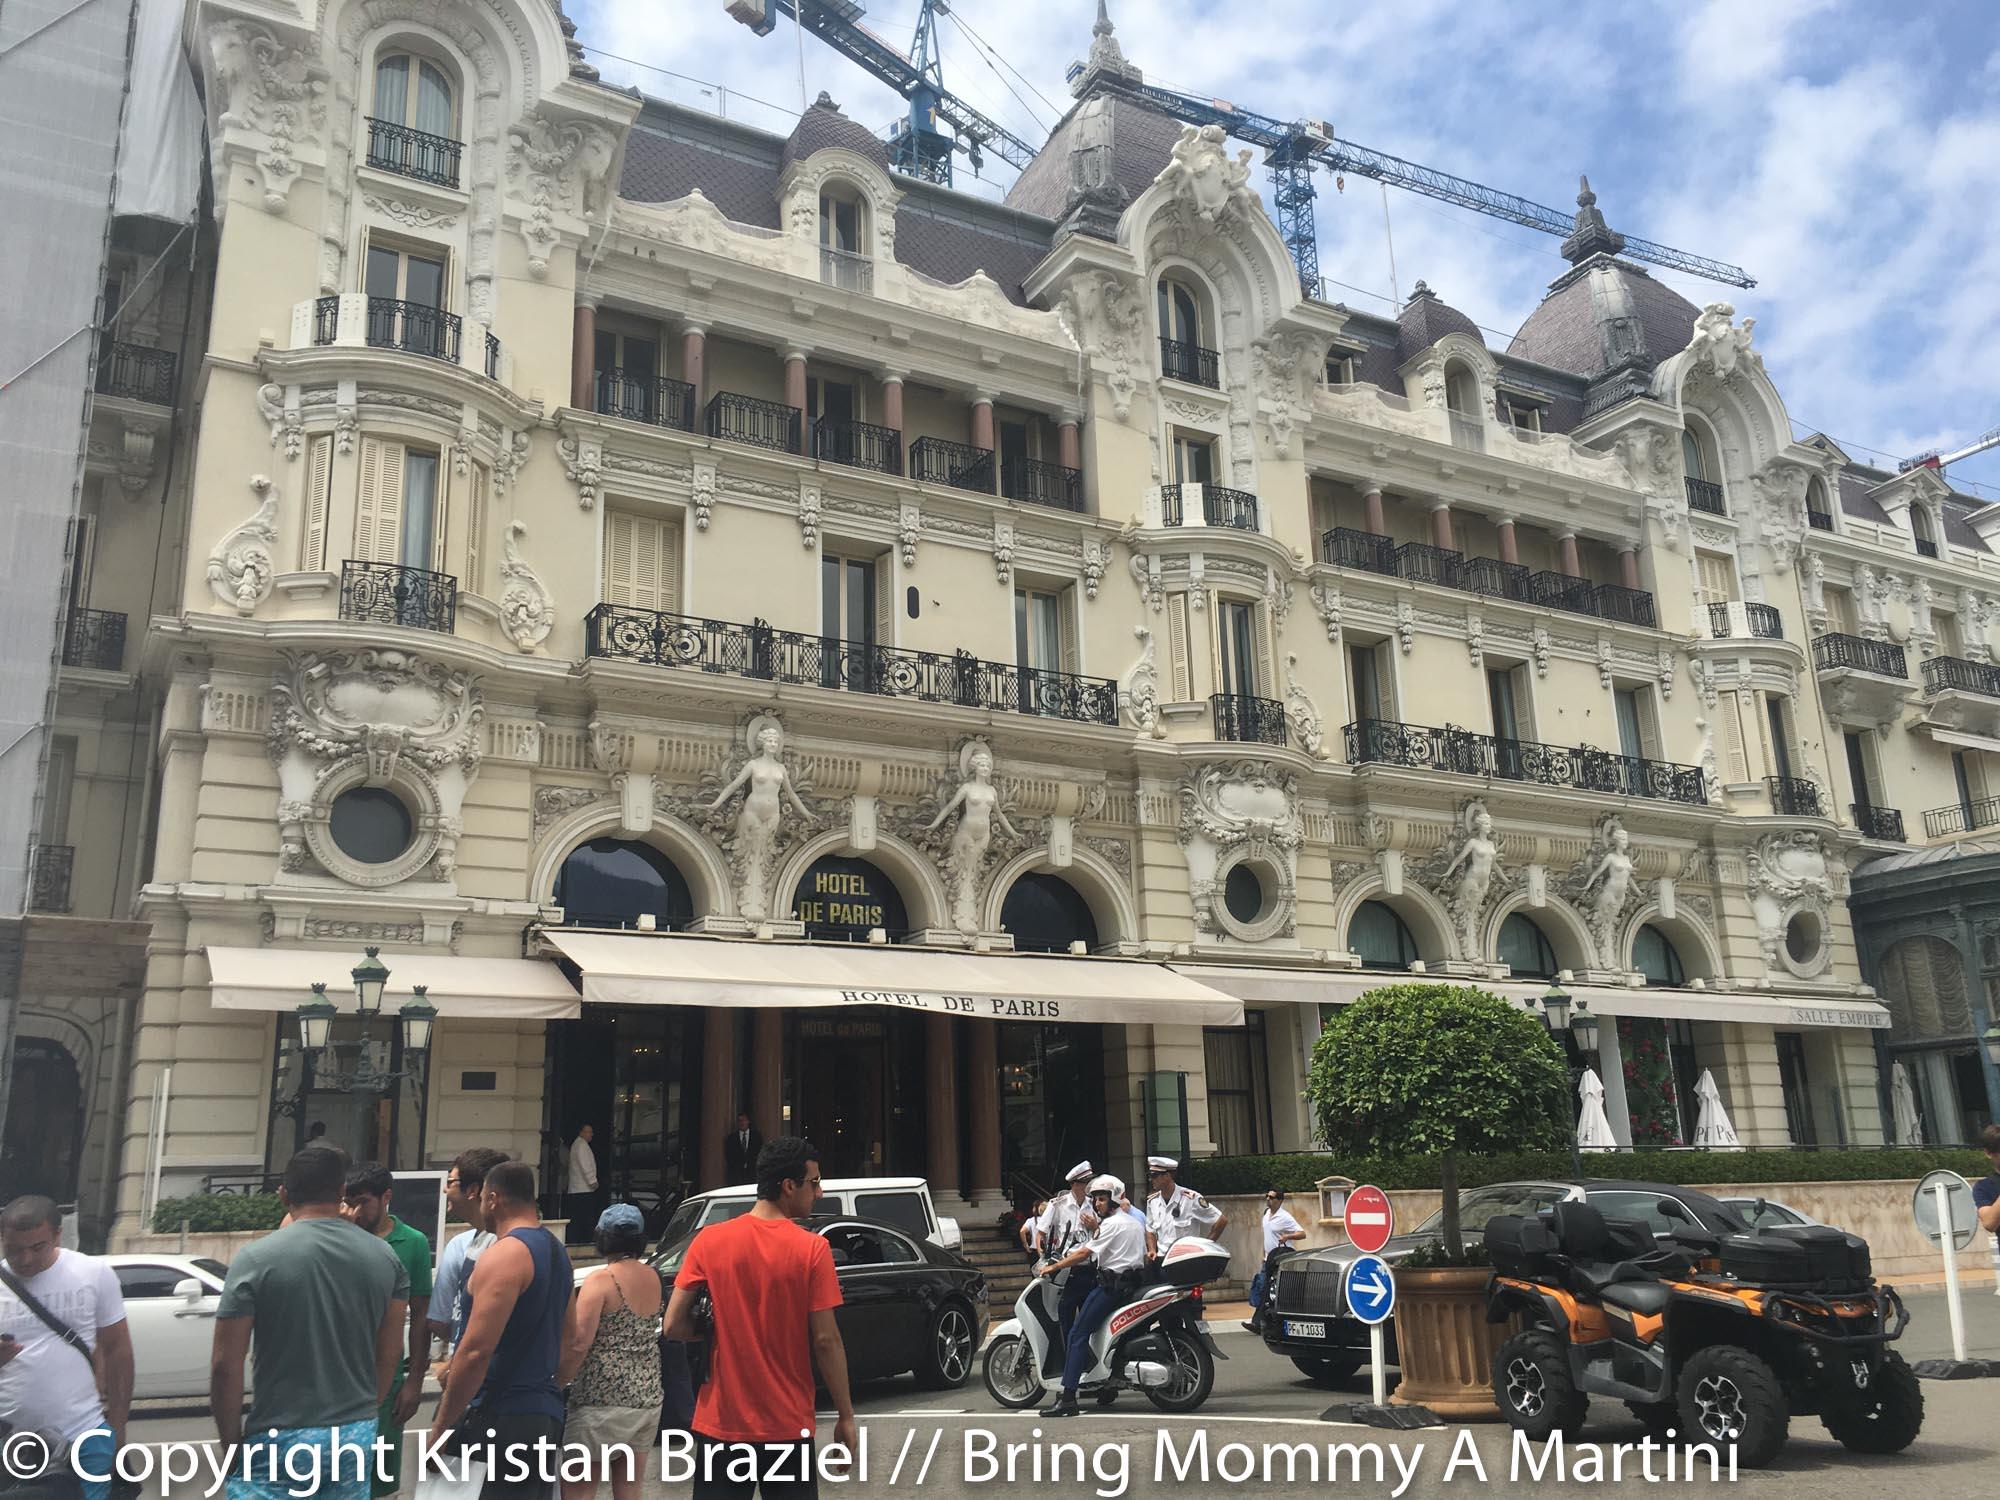 The famous Hotel de Paris